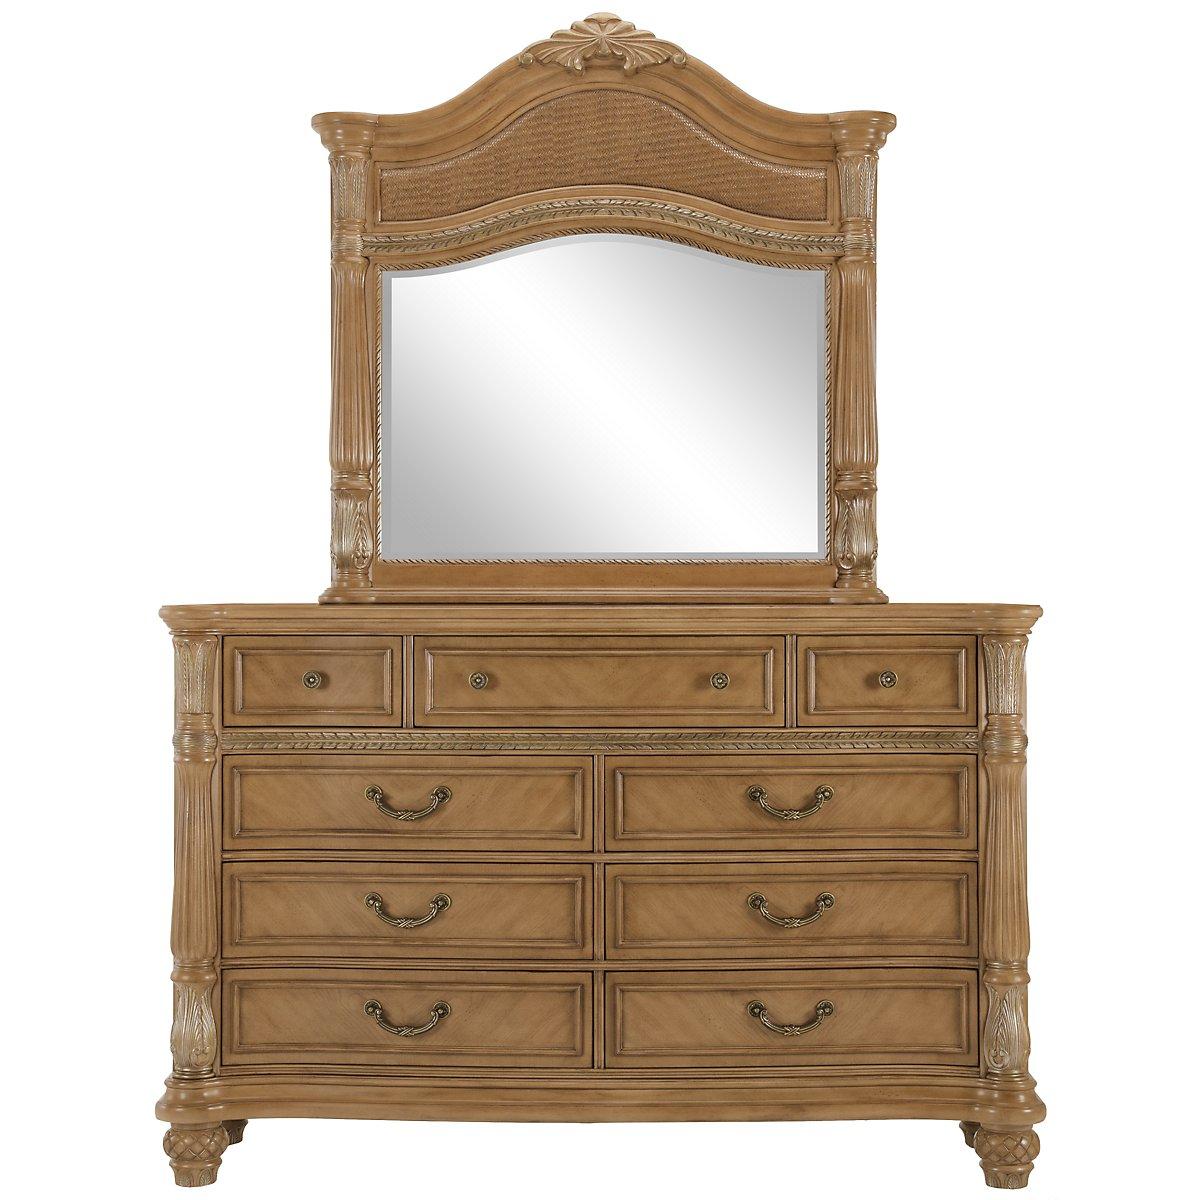 Tradewinds Light Tone Woven Dresser & Mirror